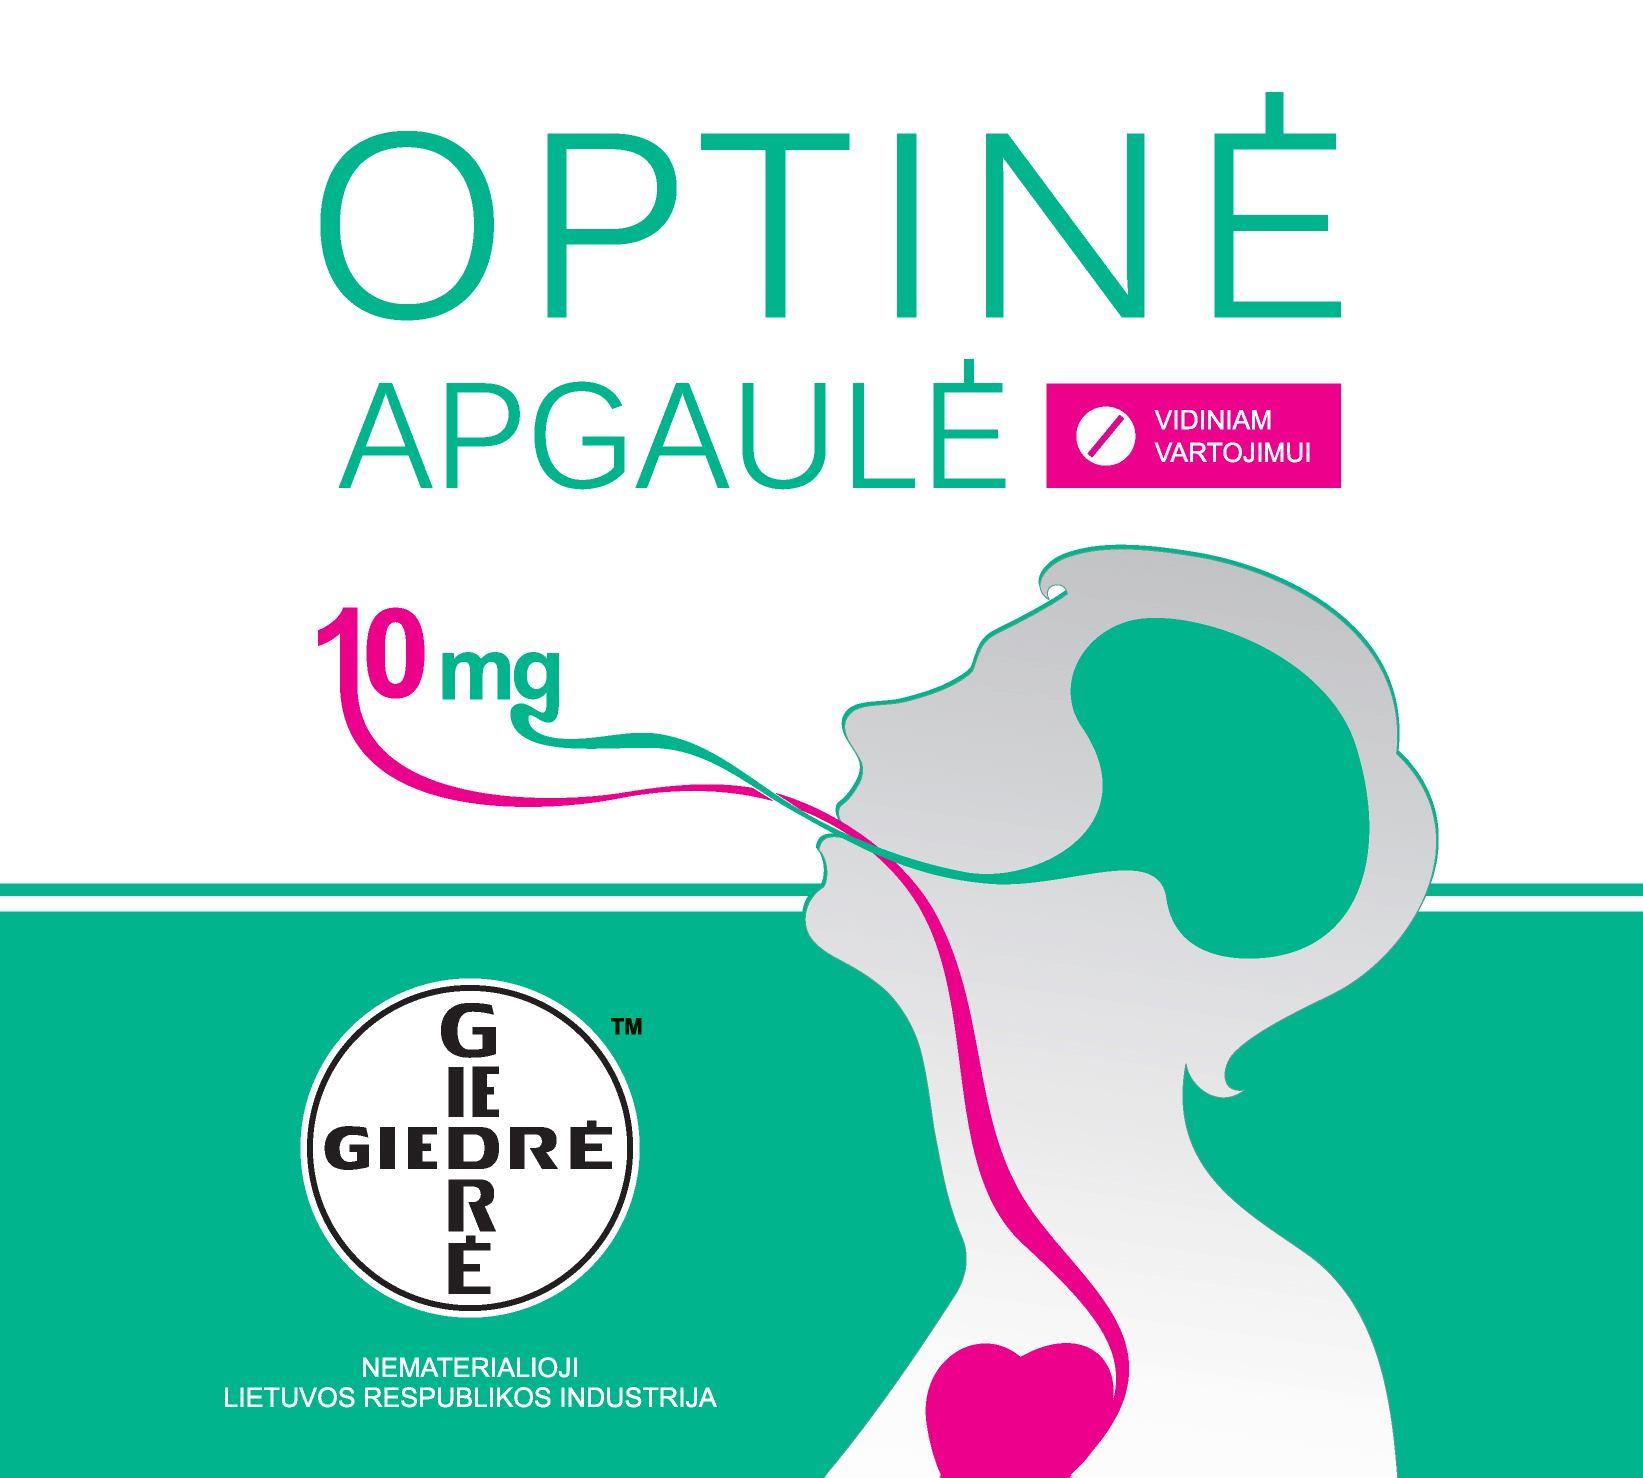 Giedre_-_Optine_Apgaule